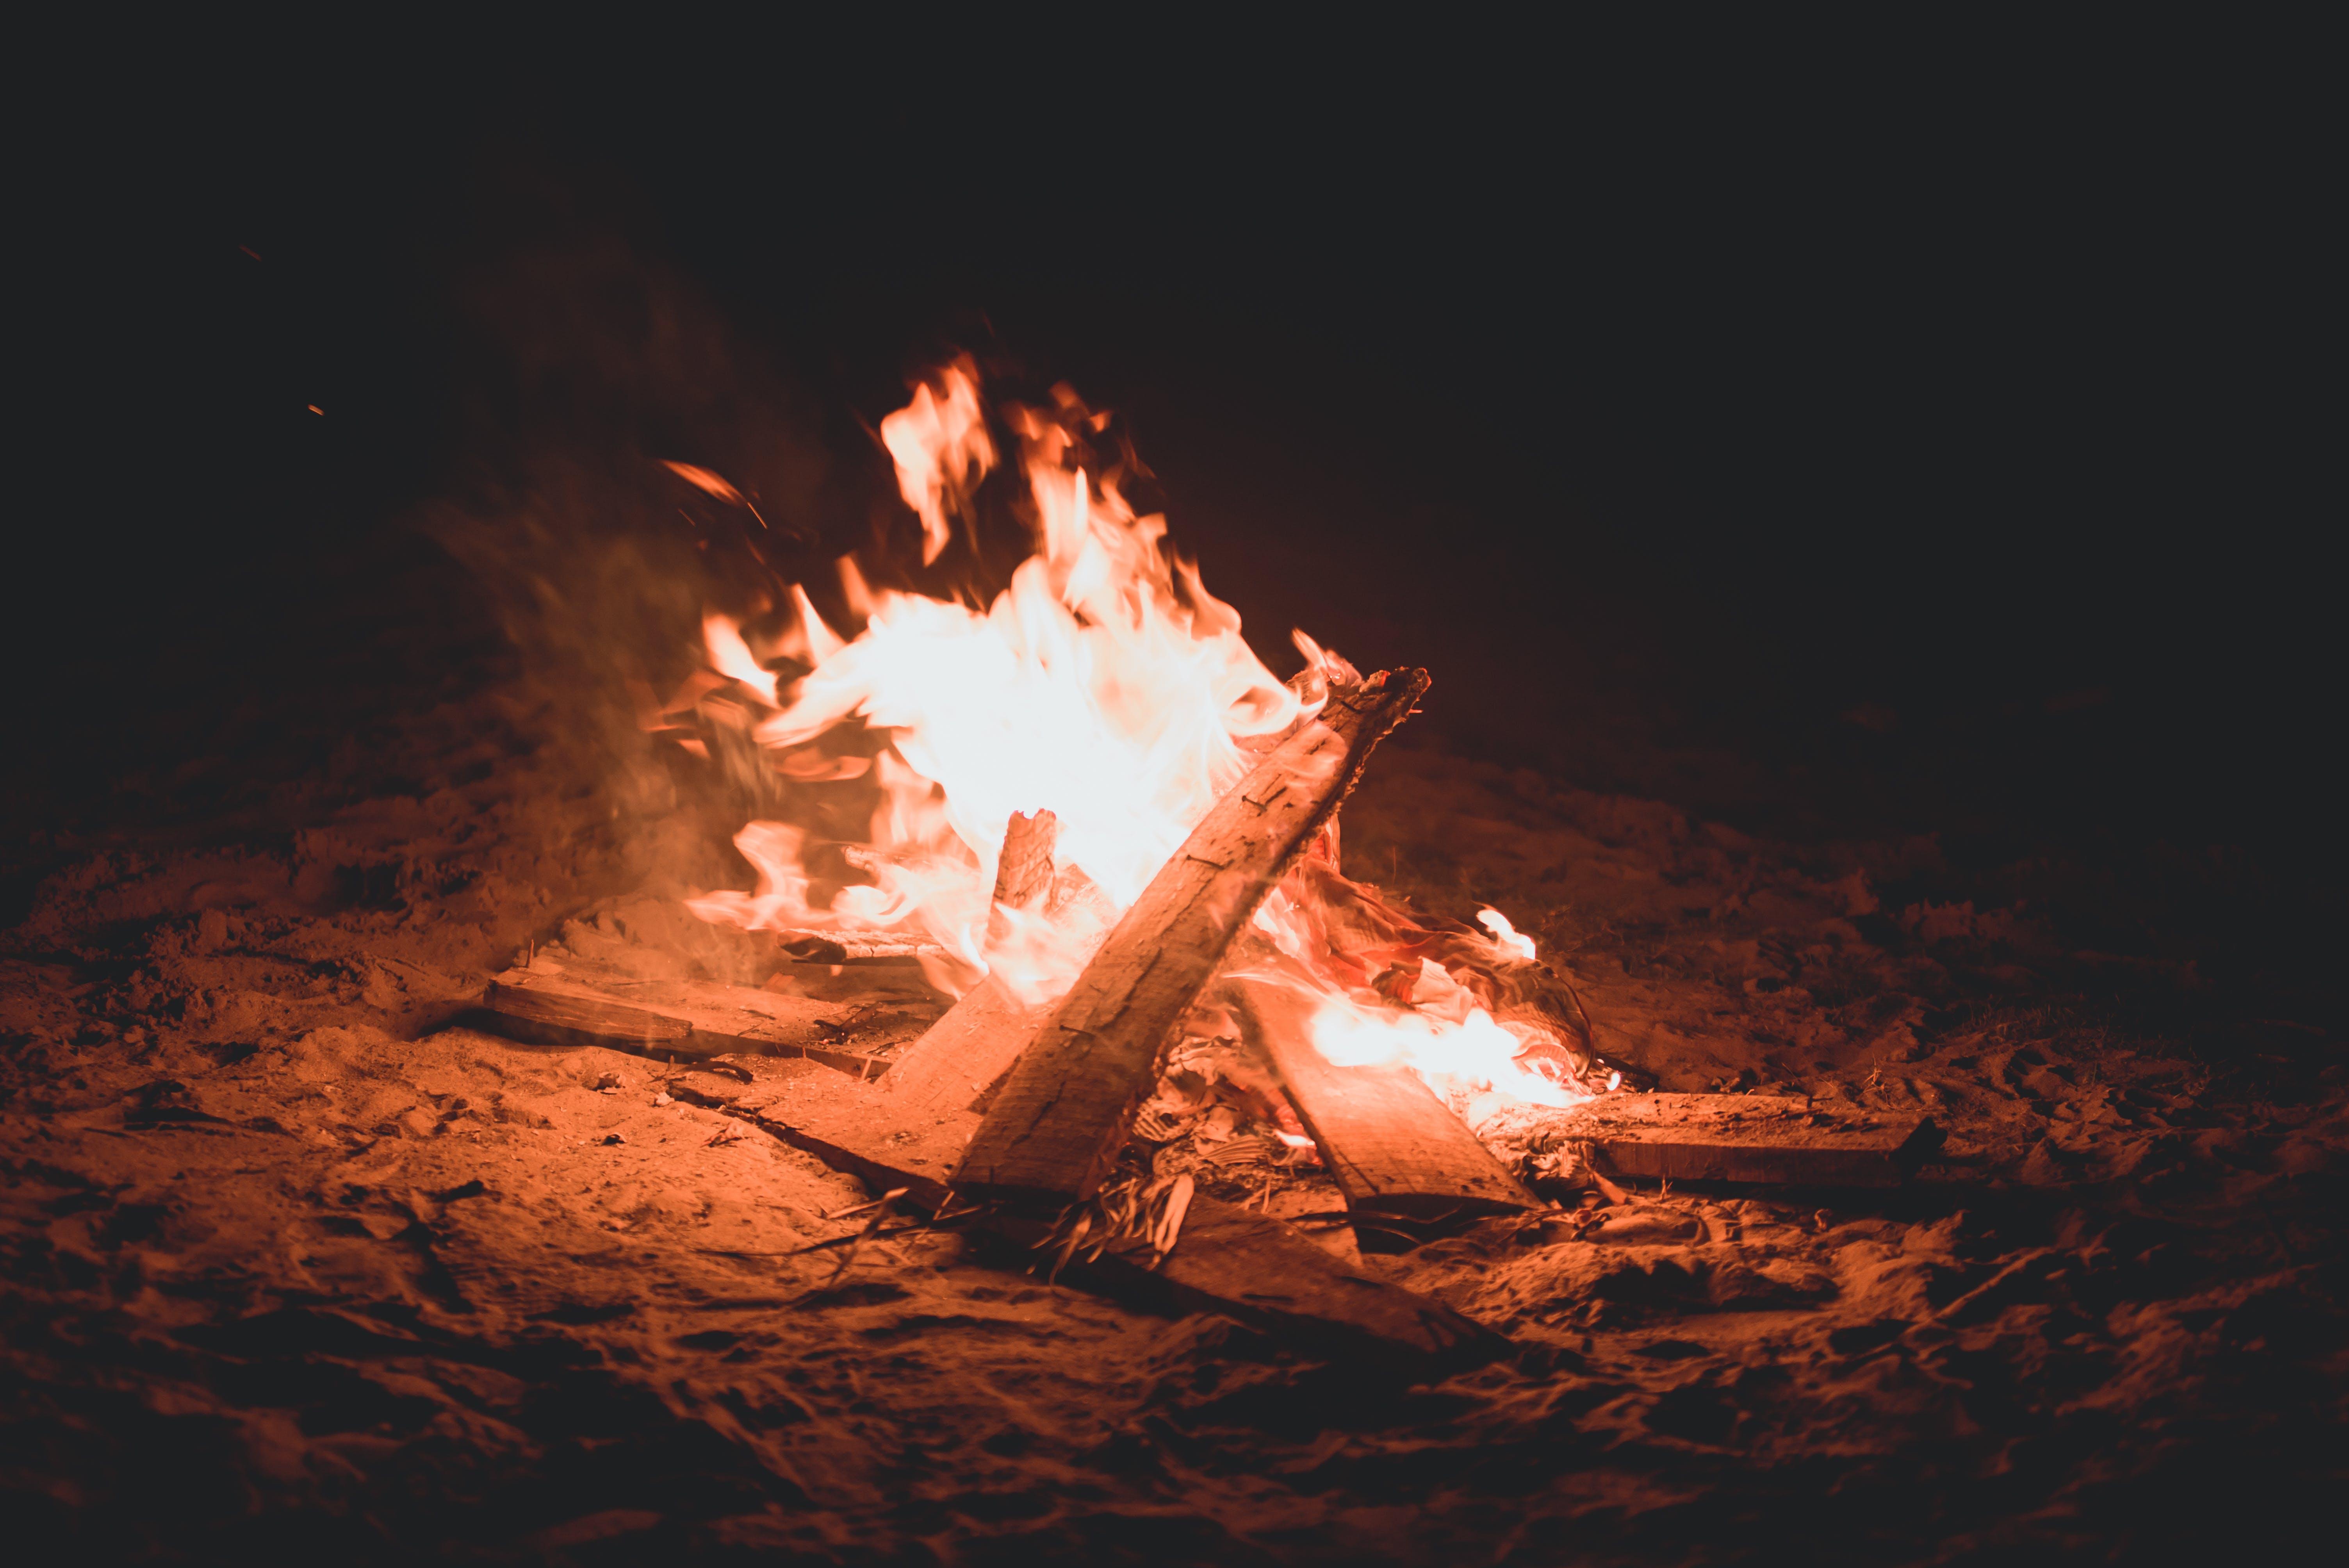 Closeup Photo of Bonfire